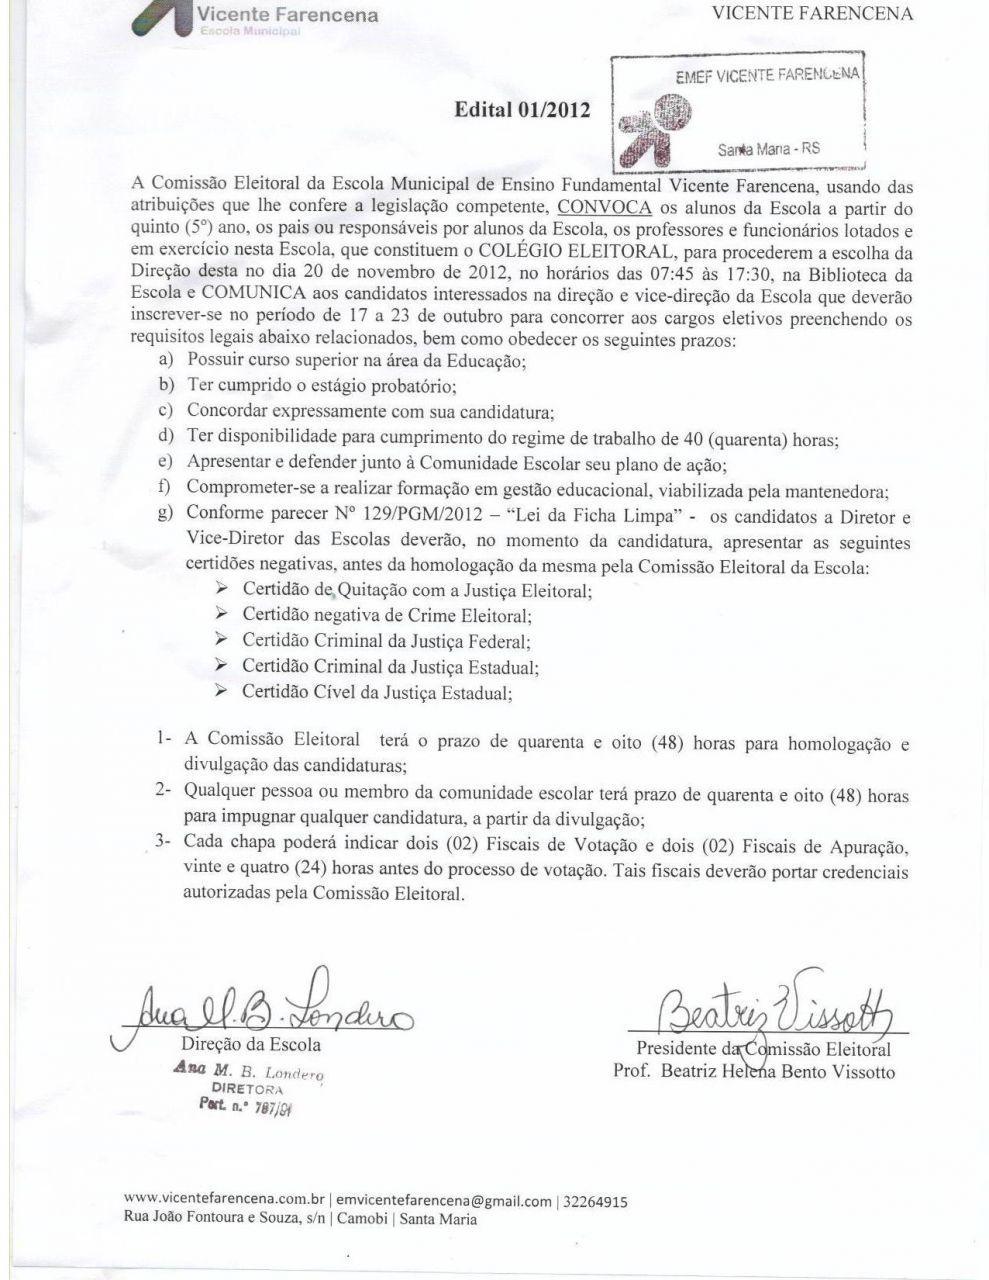 Edital 01/2012 - Convocação